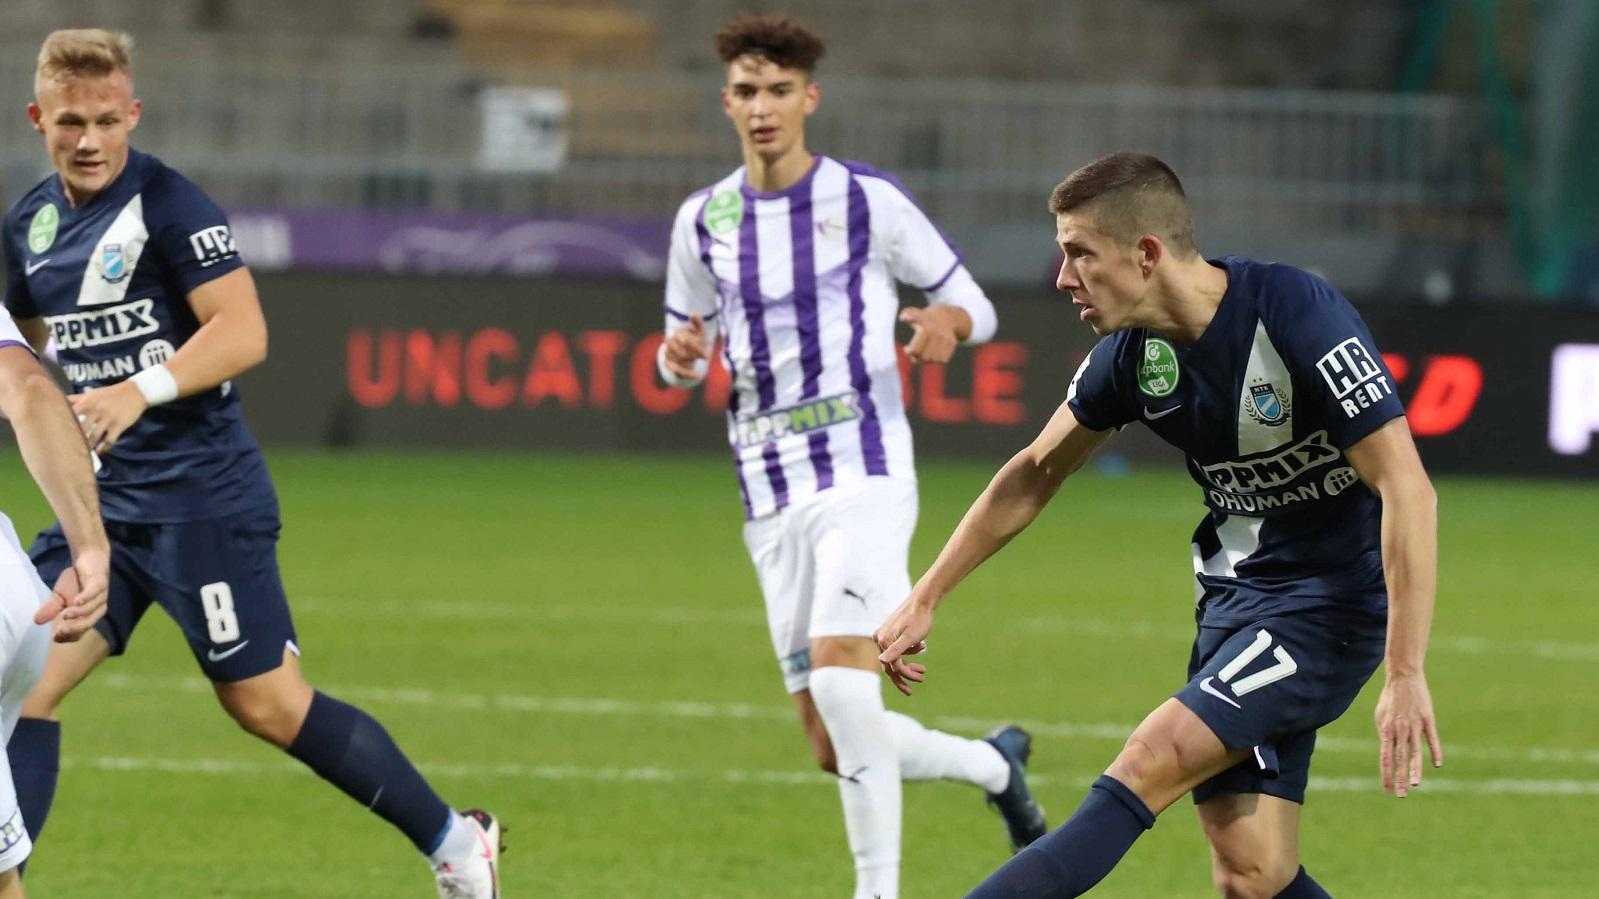 Újpest FC - MTK Budapest 0-4 (0-3) összefoglaló (videó)